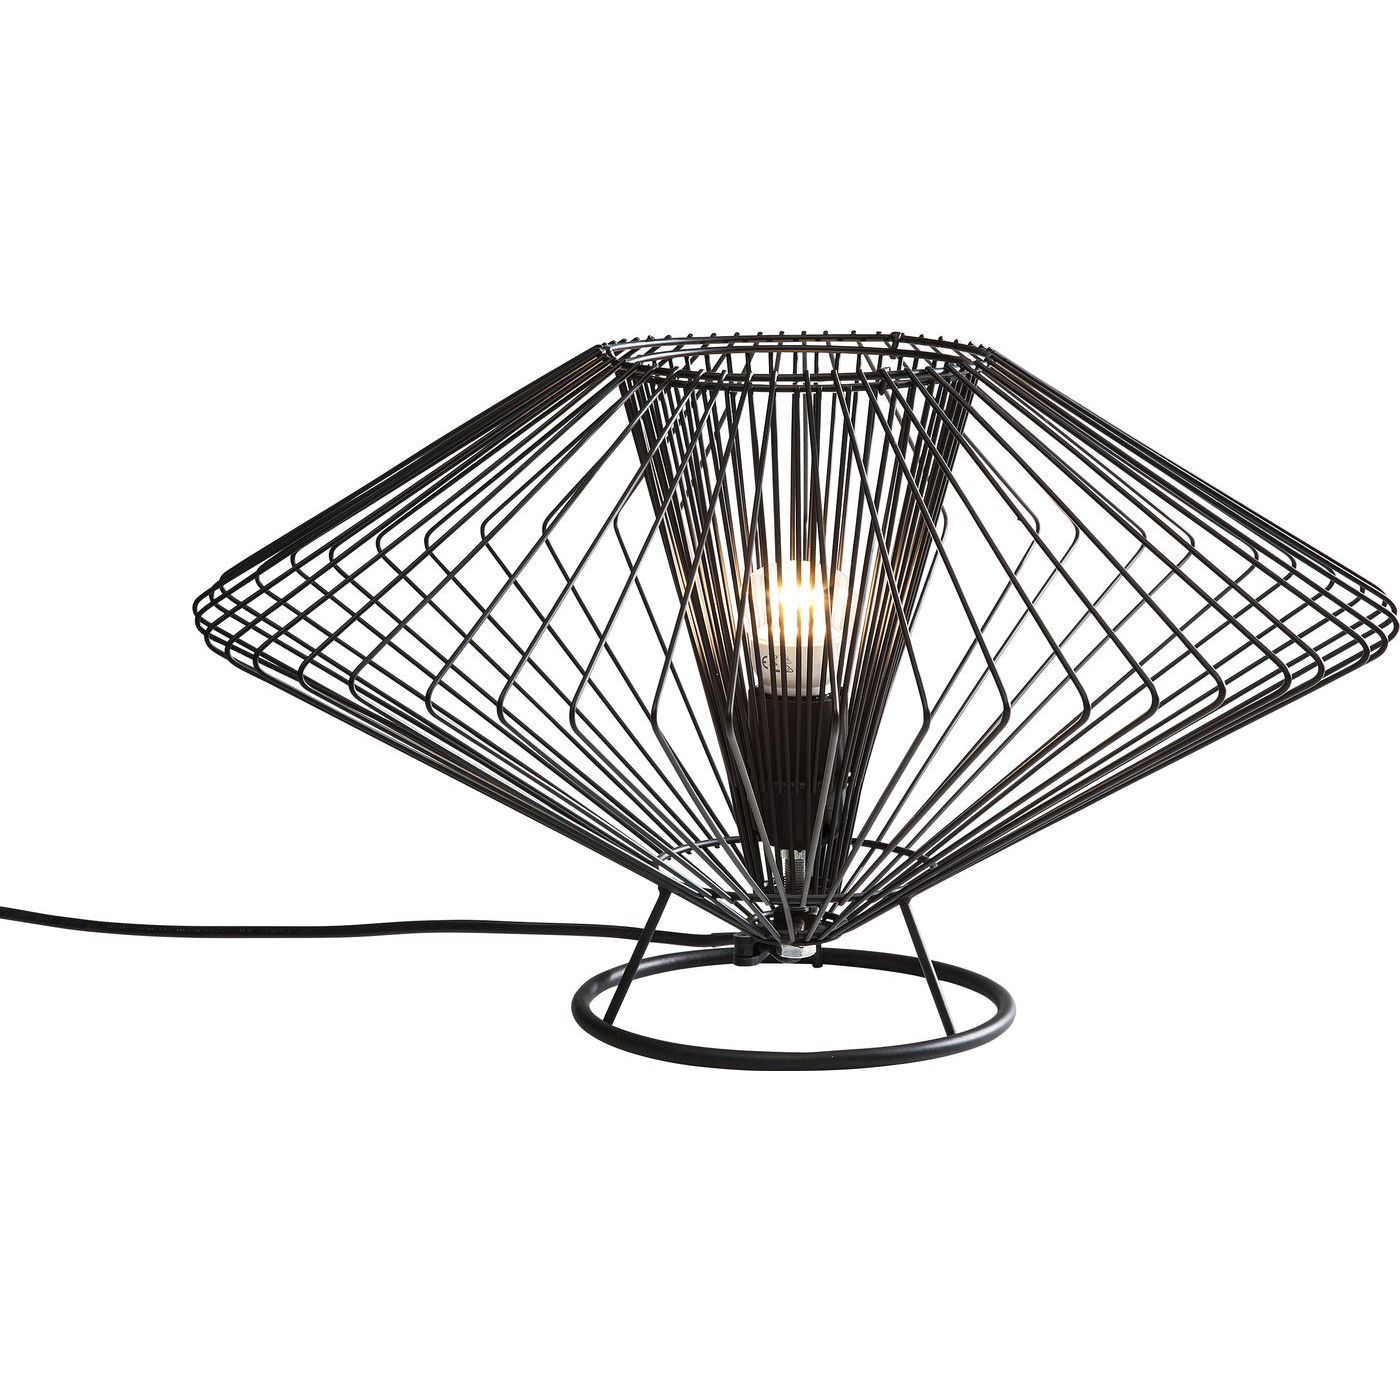 Tischlampe lampe leuchte nachttischlampe modo wire rund for Kare design tischlampe